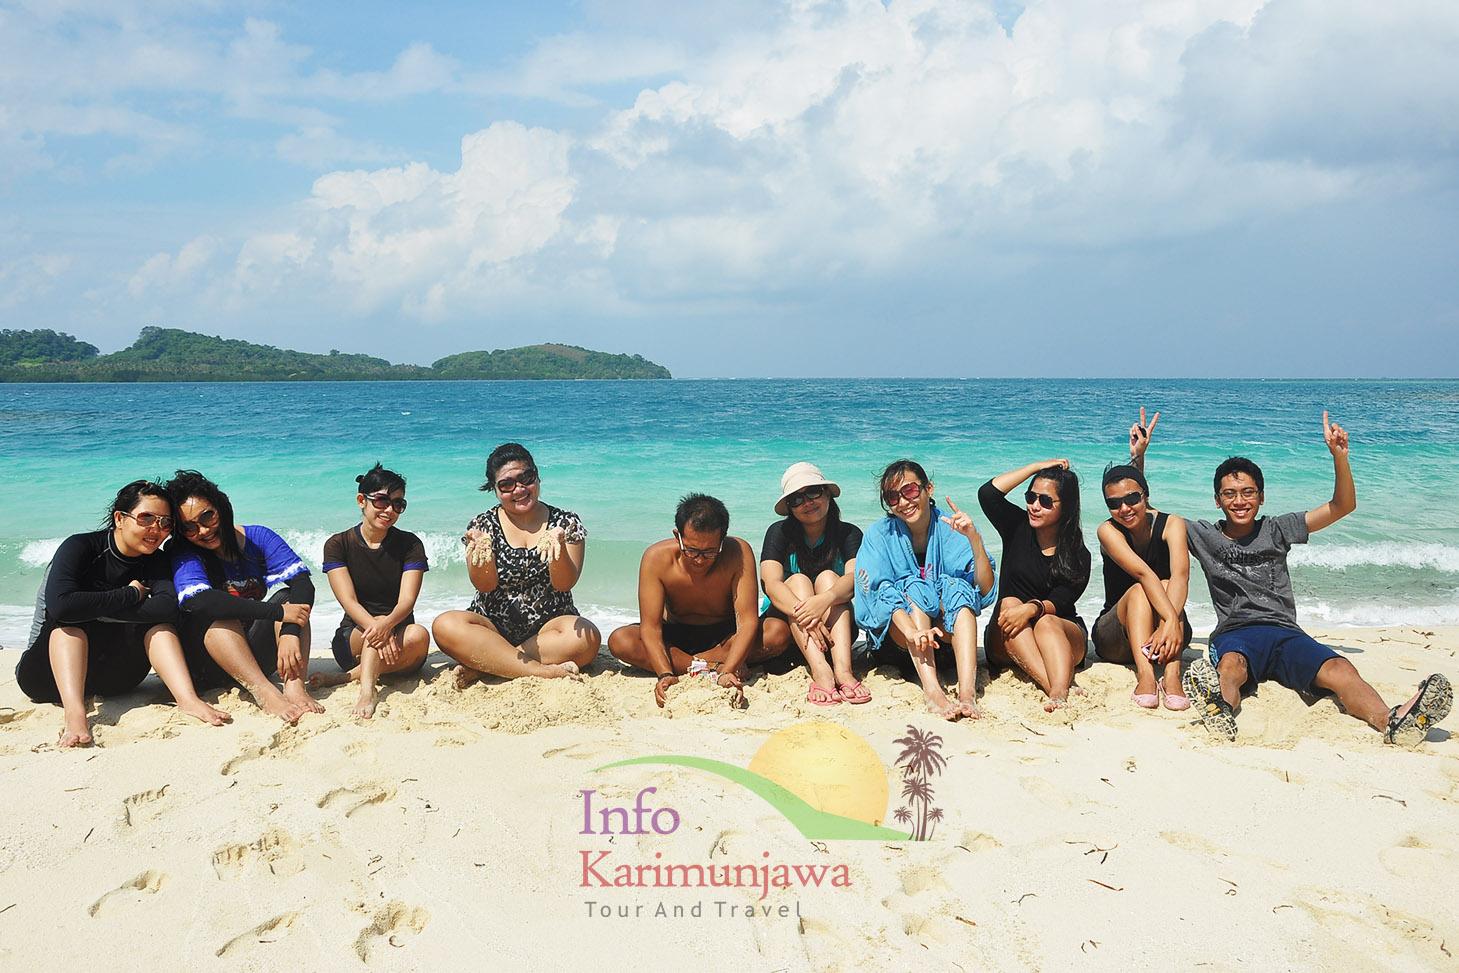 Paket Wisata Karimunjawa 2017 2018 Murah Terbaik Paket Wisata